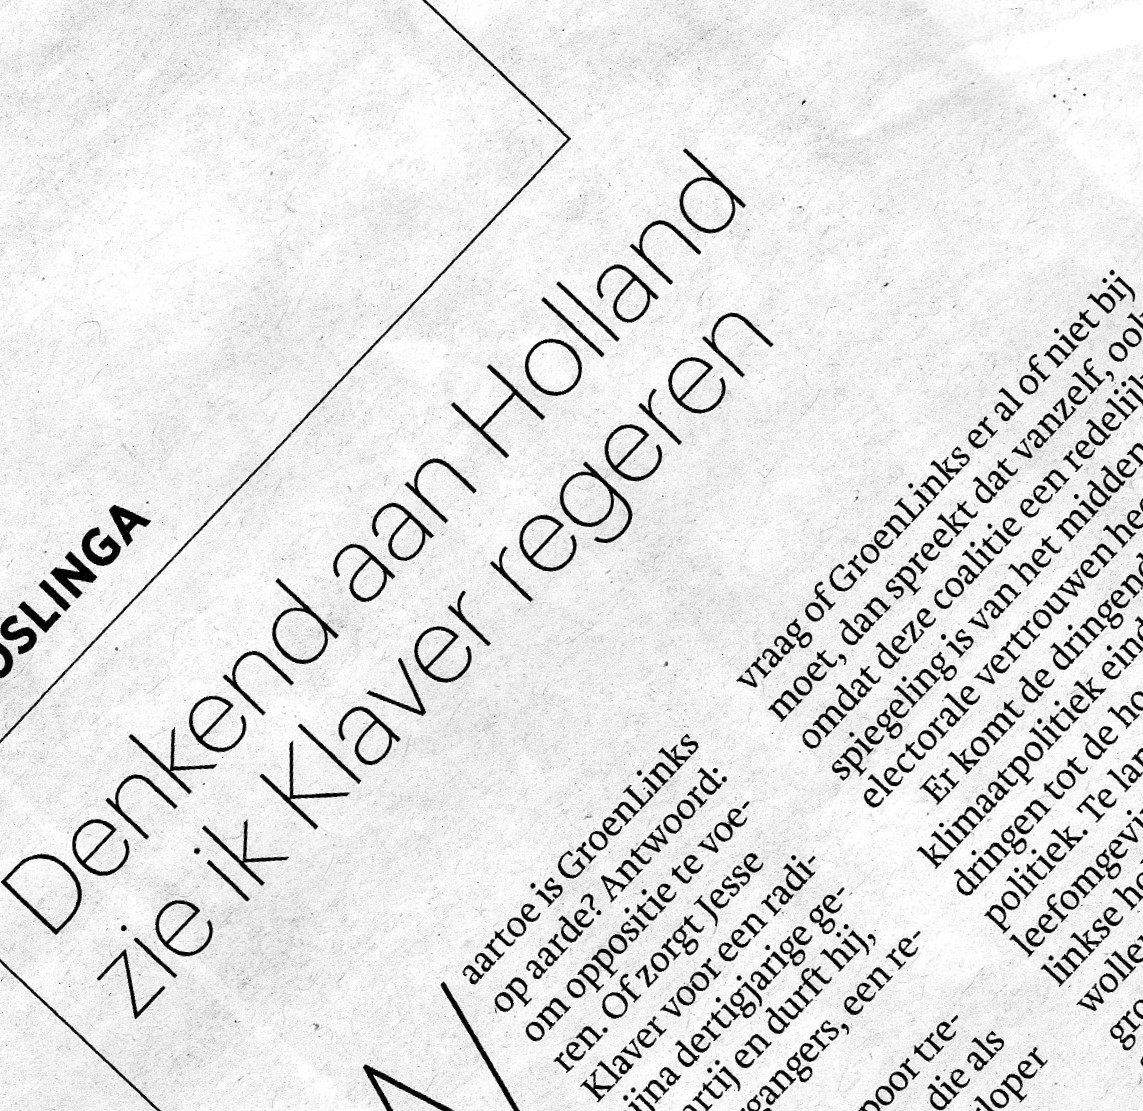 Bunt Blogt Herinnering Aan Holland Knipoog 63